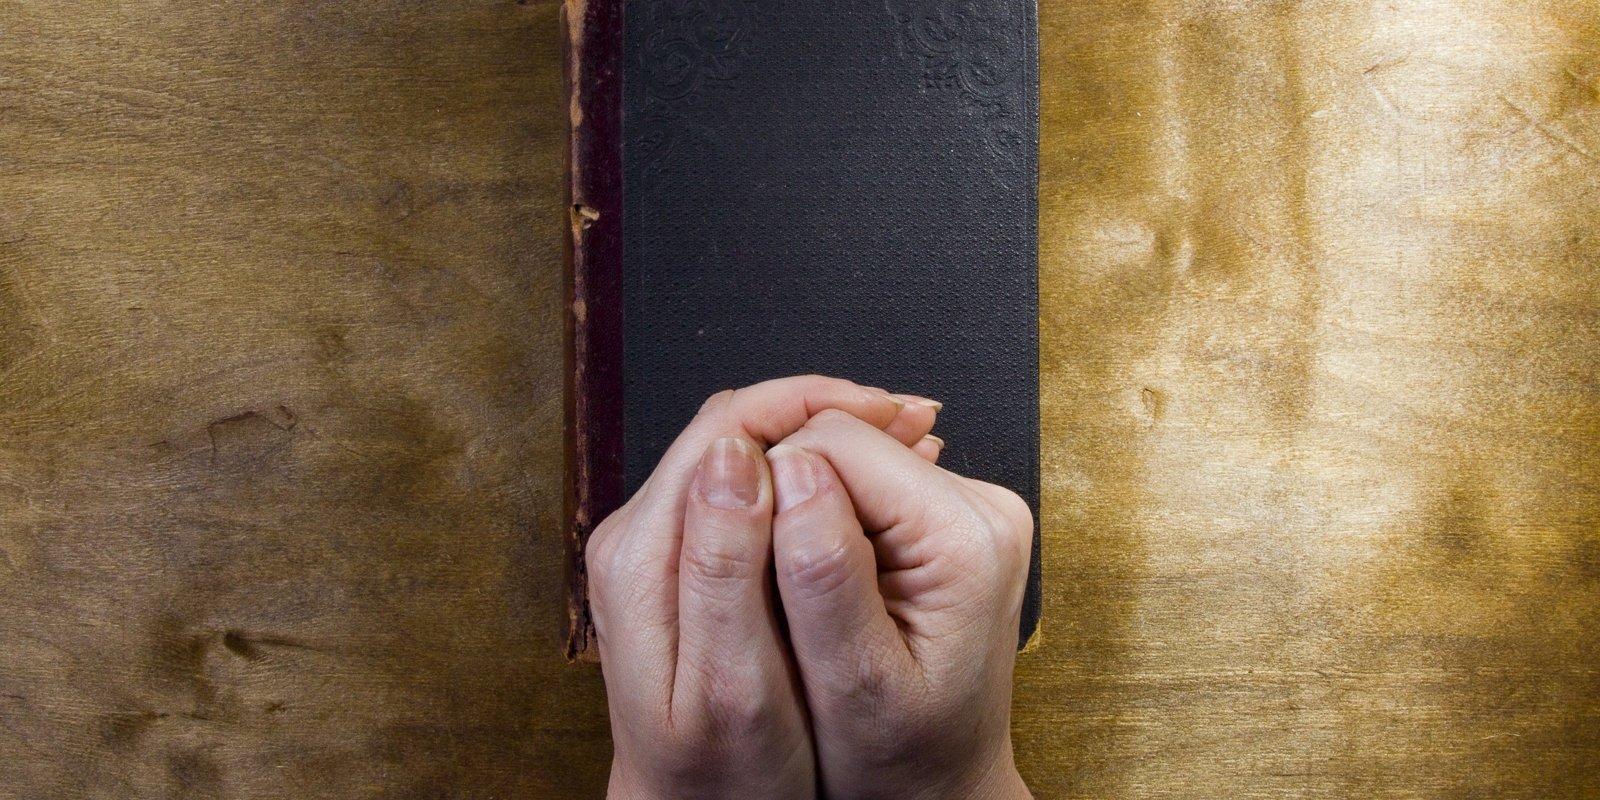 Larisas stāsts. Par 'ekstrēmistiem' Krievijā pasludinātie Jehovas liecinieki patvērumu rod Latvijā